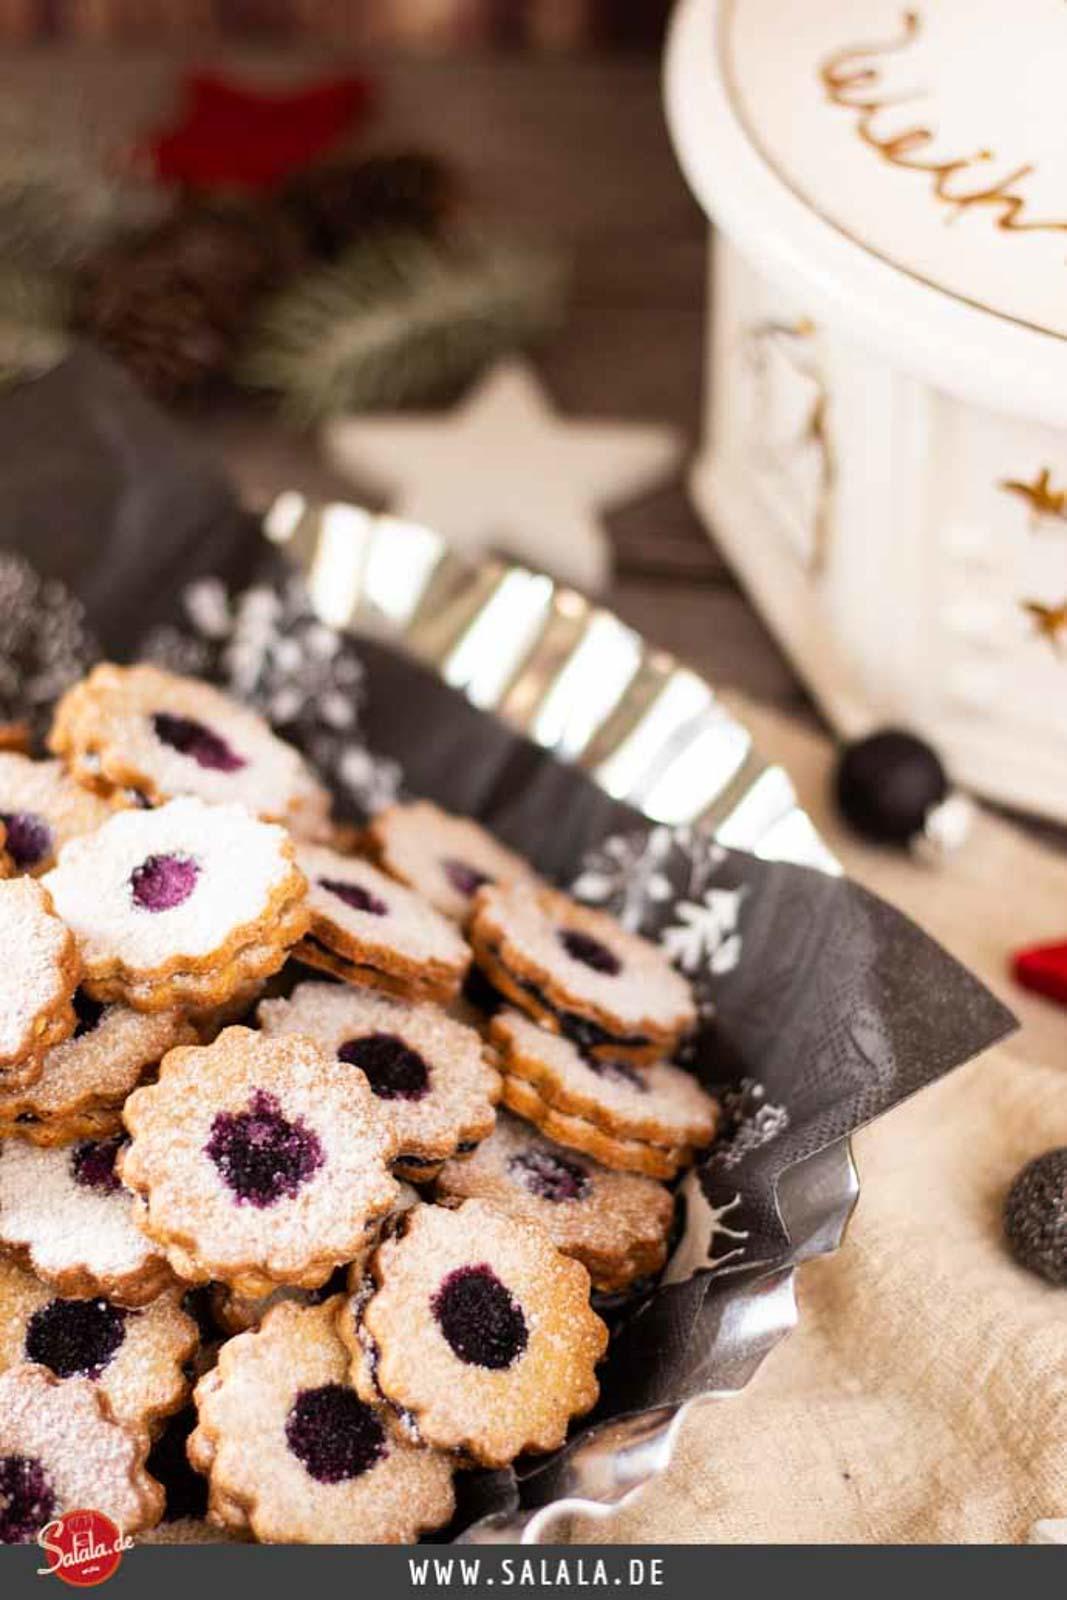 Spitzbuben Plätzchen mit Marmelade I Hildatörtchen - by salala.de - Rezept ohne Mehl und ohne Zucker Low Carb Weihnachtsplätzchen glutenfrei #spitzbuben #lowcarb #lowcarbbacken #lowcarbweihnachten #lowcarbplätzchen #plätzchenohnemehl #weihnachten #plätzchen #glutenfrei #zuckerfrei